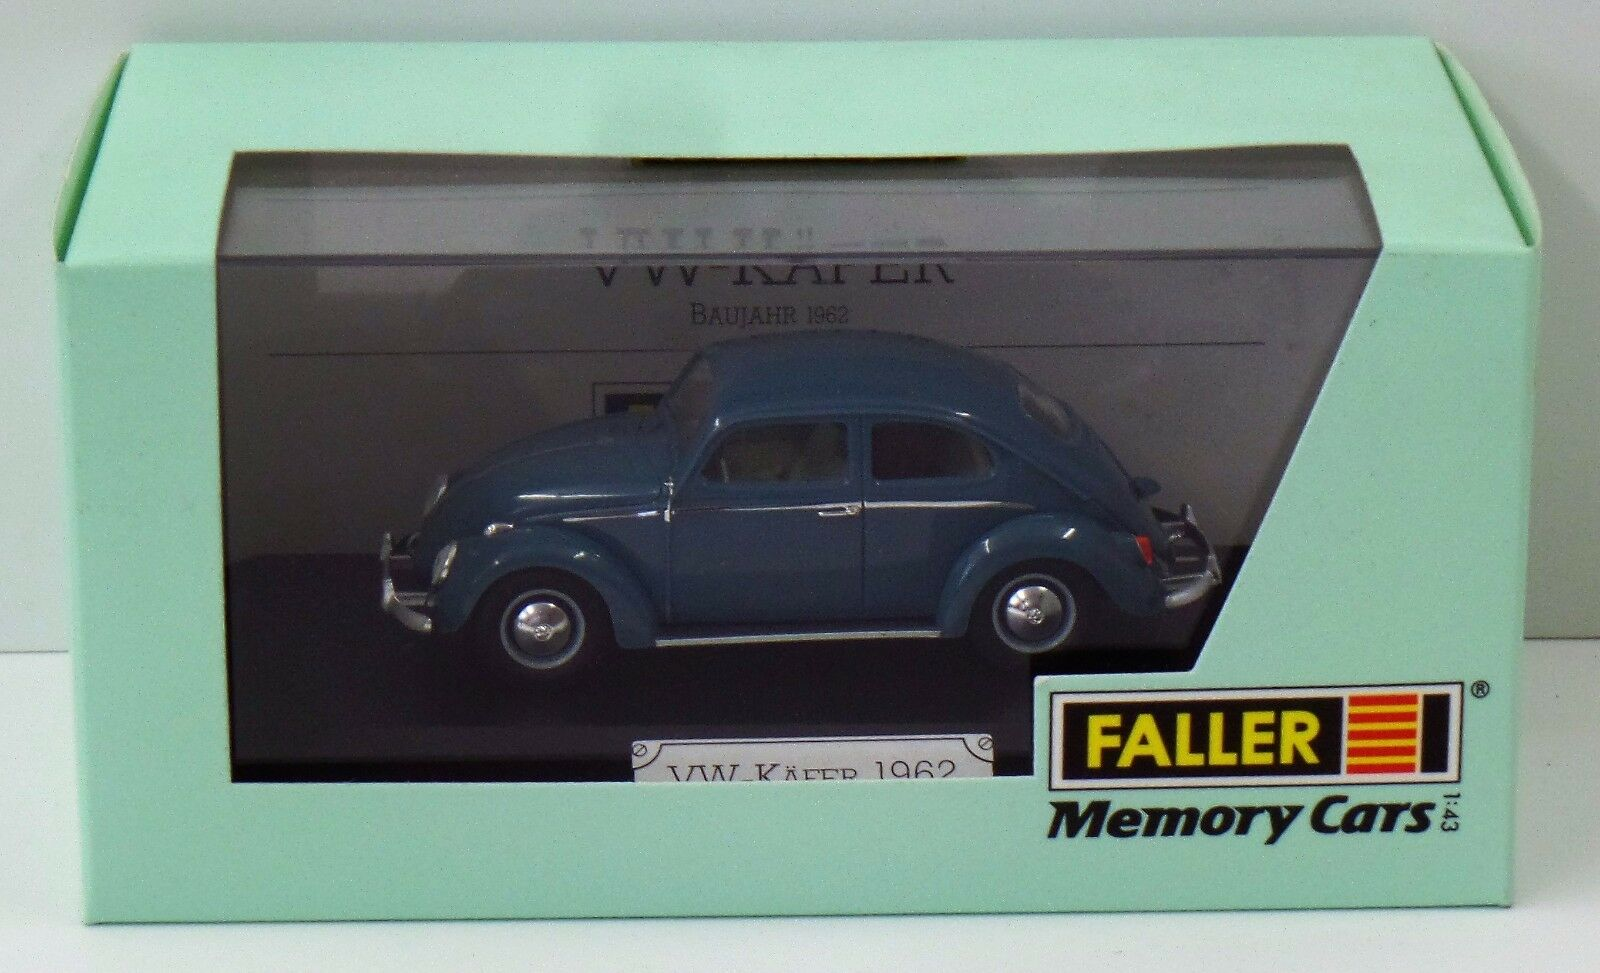 Nuevos productos de artículos novedosos. Faller Faller Faller Memory Cars 143 - 4351 Vw-Käfer Año Fabricación 2018 - Emb. Orig. Nuevo  tienda hace compras y ventas